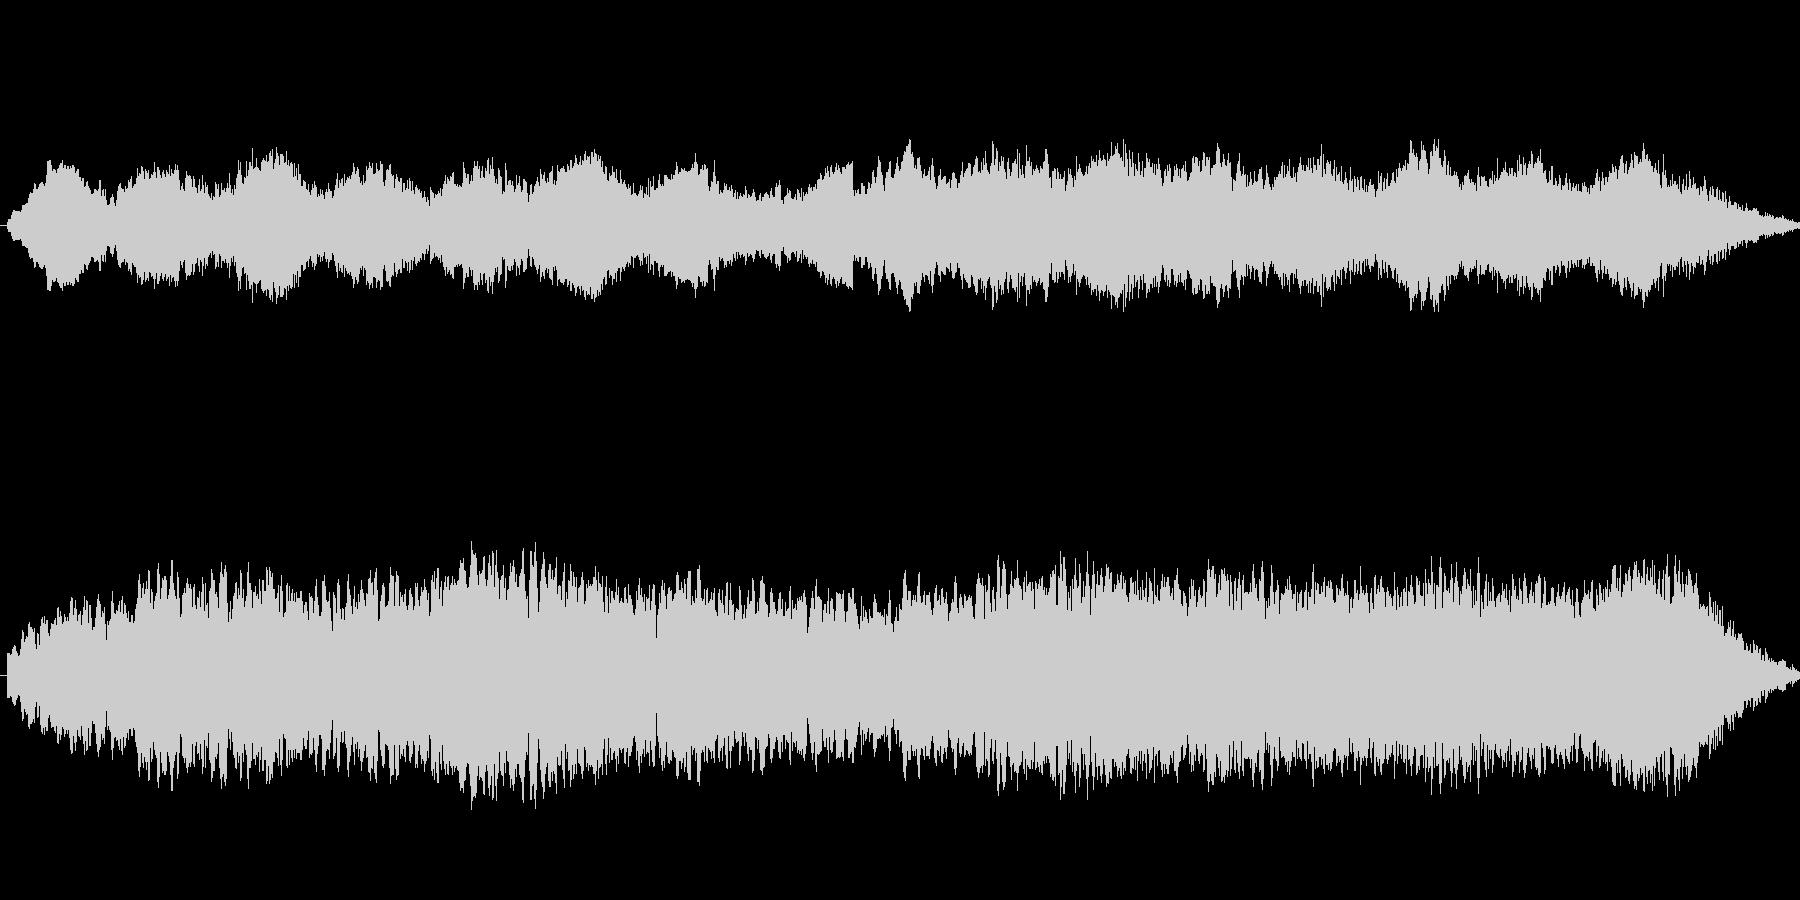 ダークファンタジー的単音フレーズ。の未再生の波形